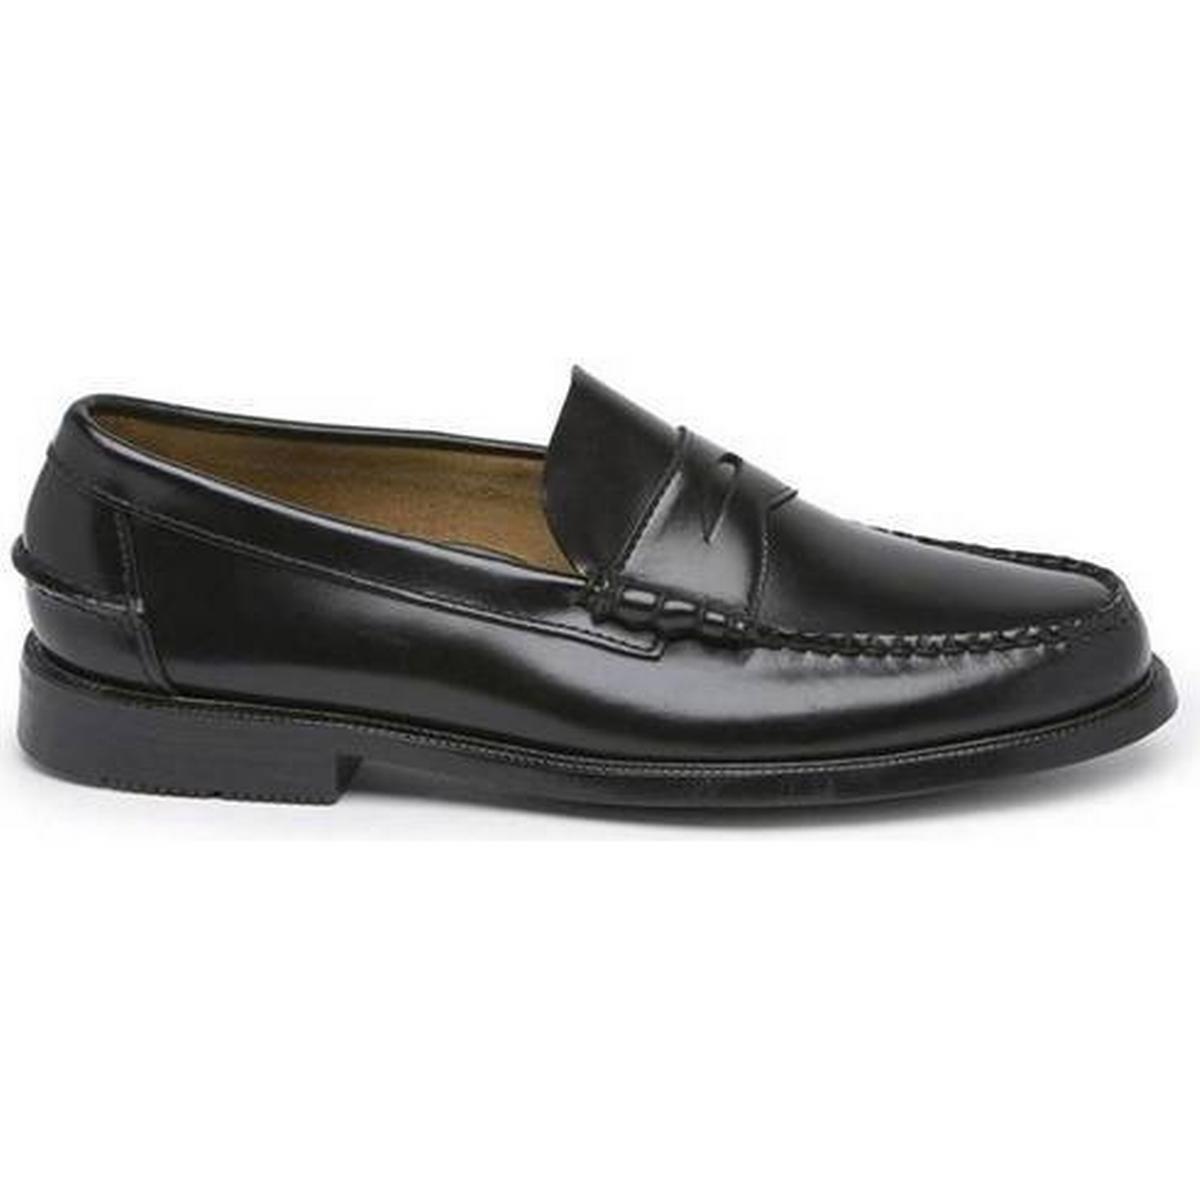 9288e6cb1fec Sebago Loafers - Sammenlign priser hos PriceRunner